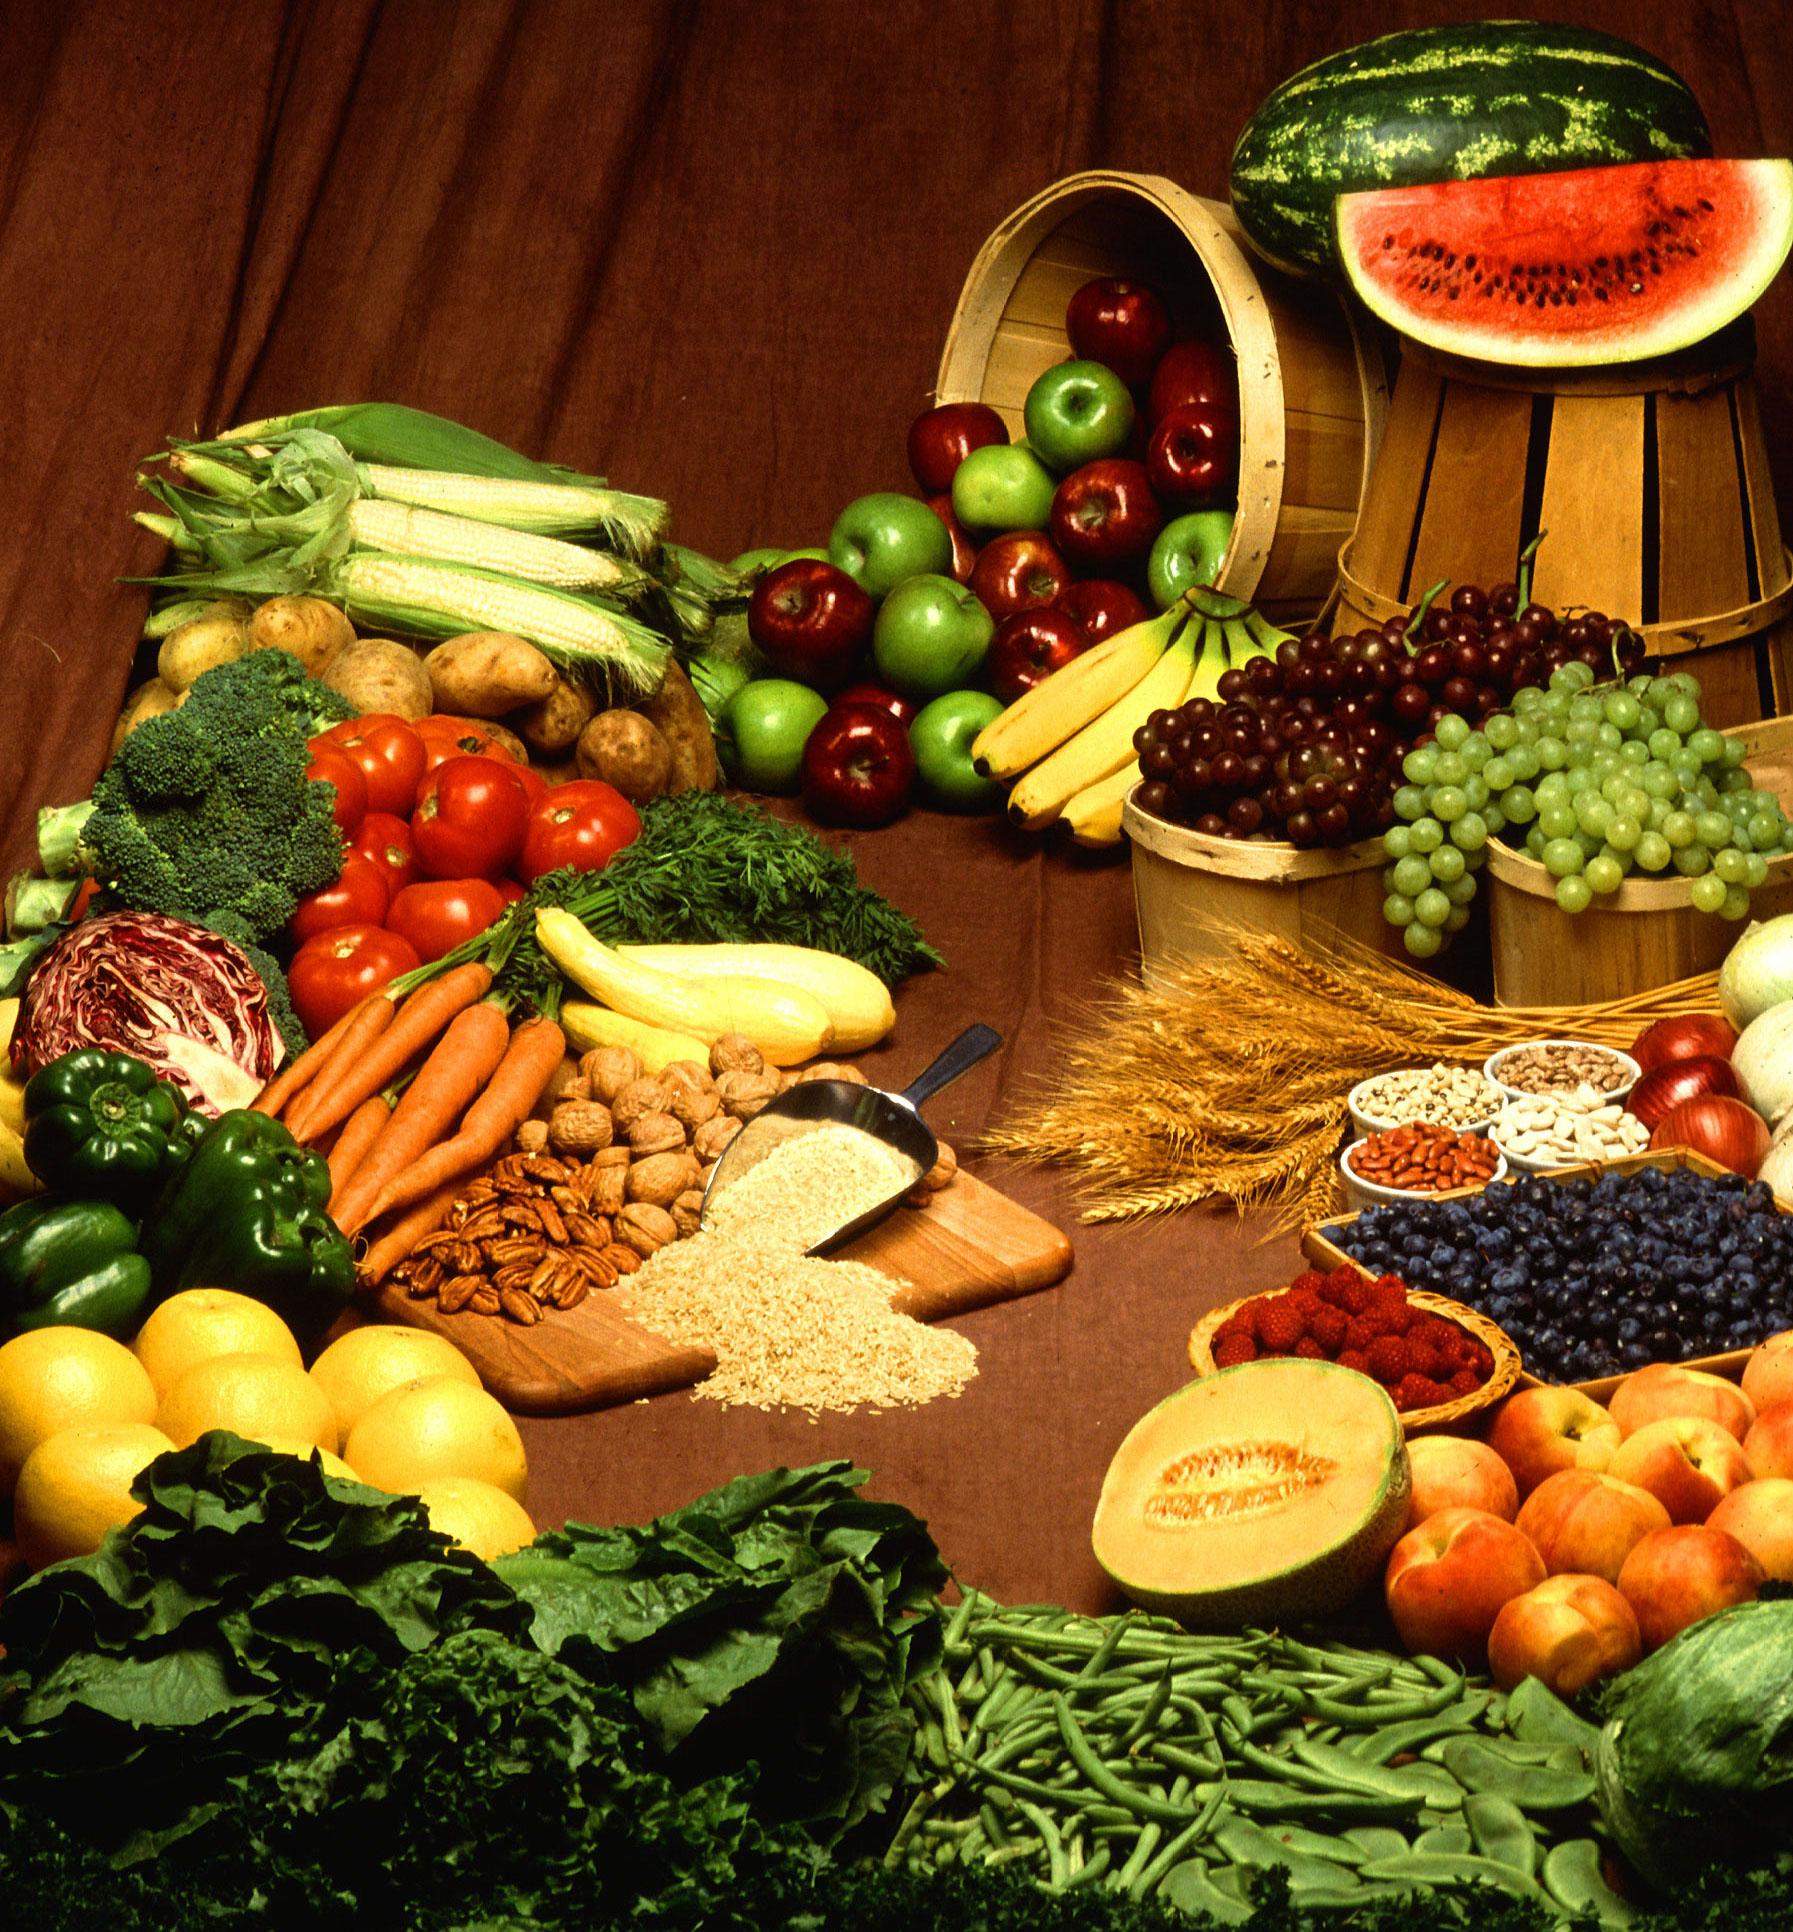 VSG diet